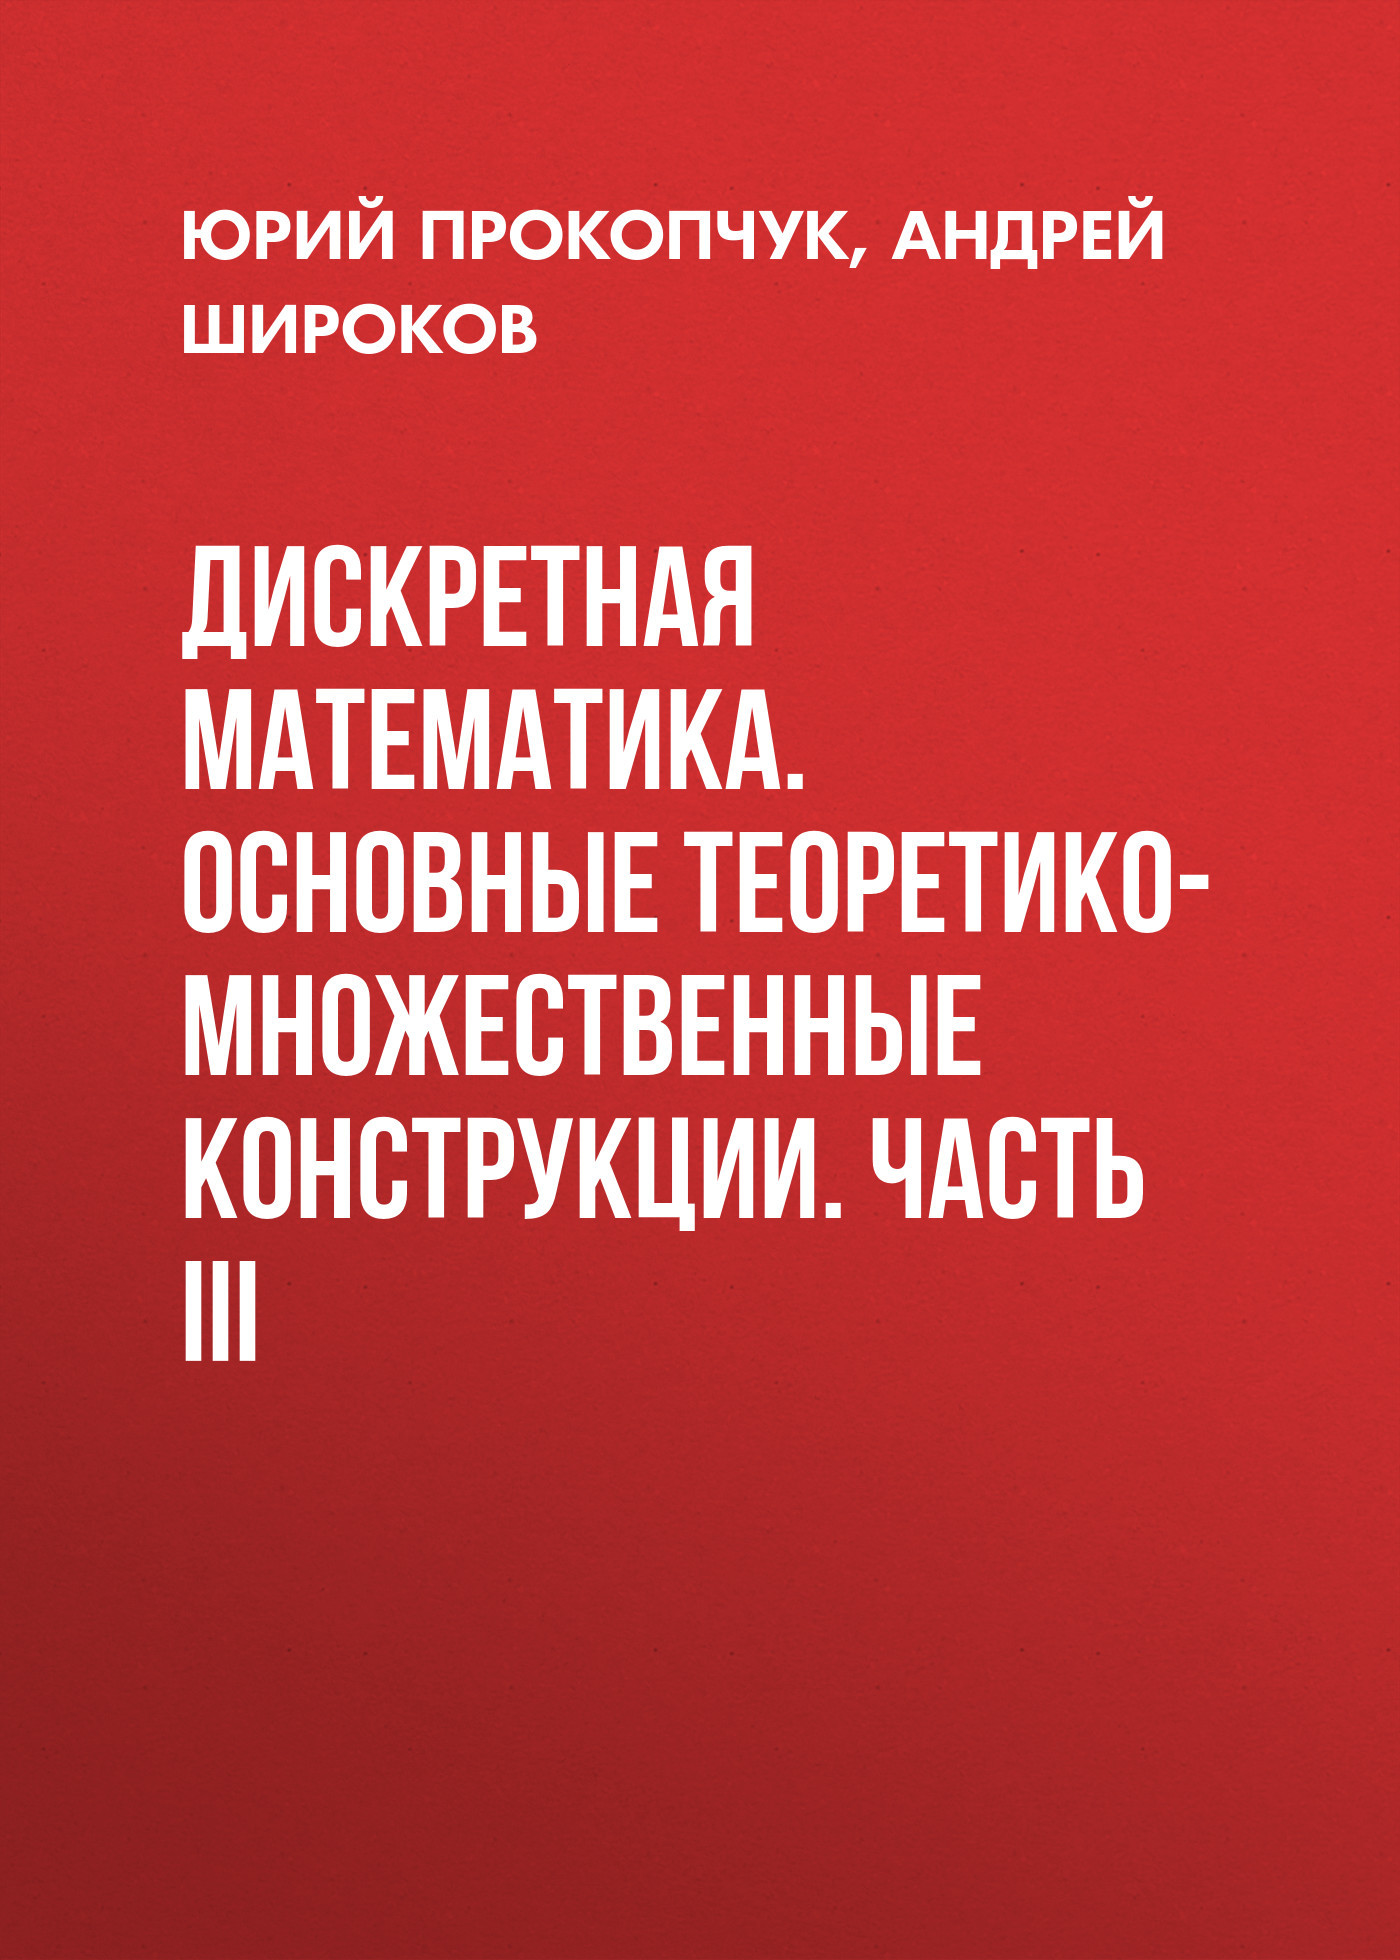 Андрей Широков Дискретная математика. Основные теоретико-множественные конструкции. Часть III и в бабичева дискретная математика контролирующие материалы к тестированию